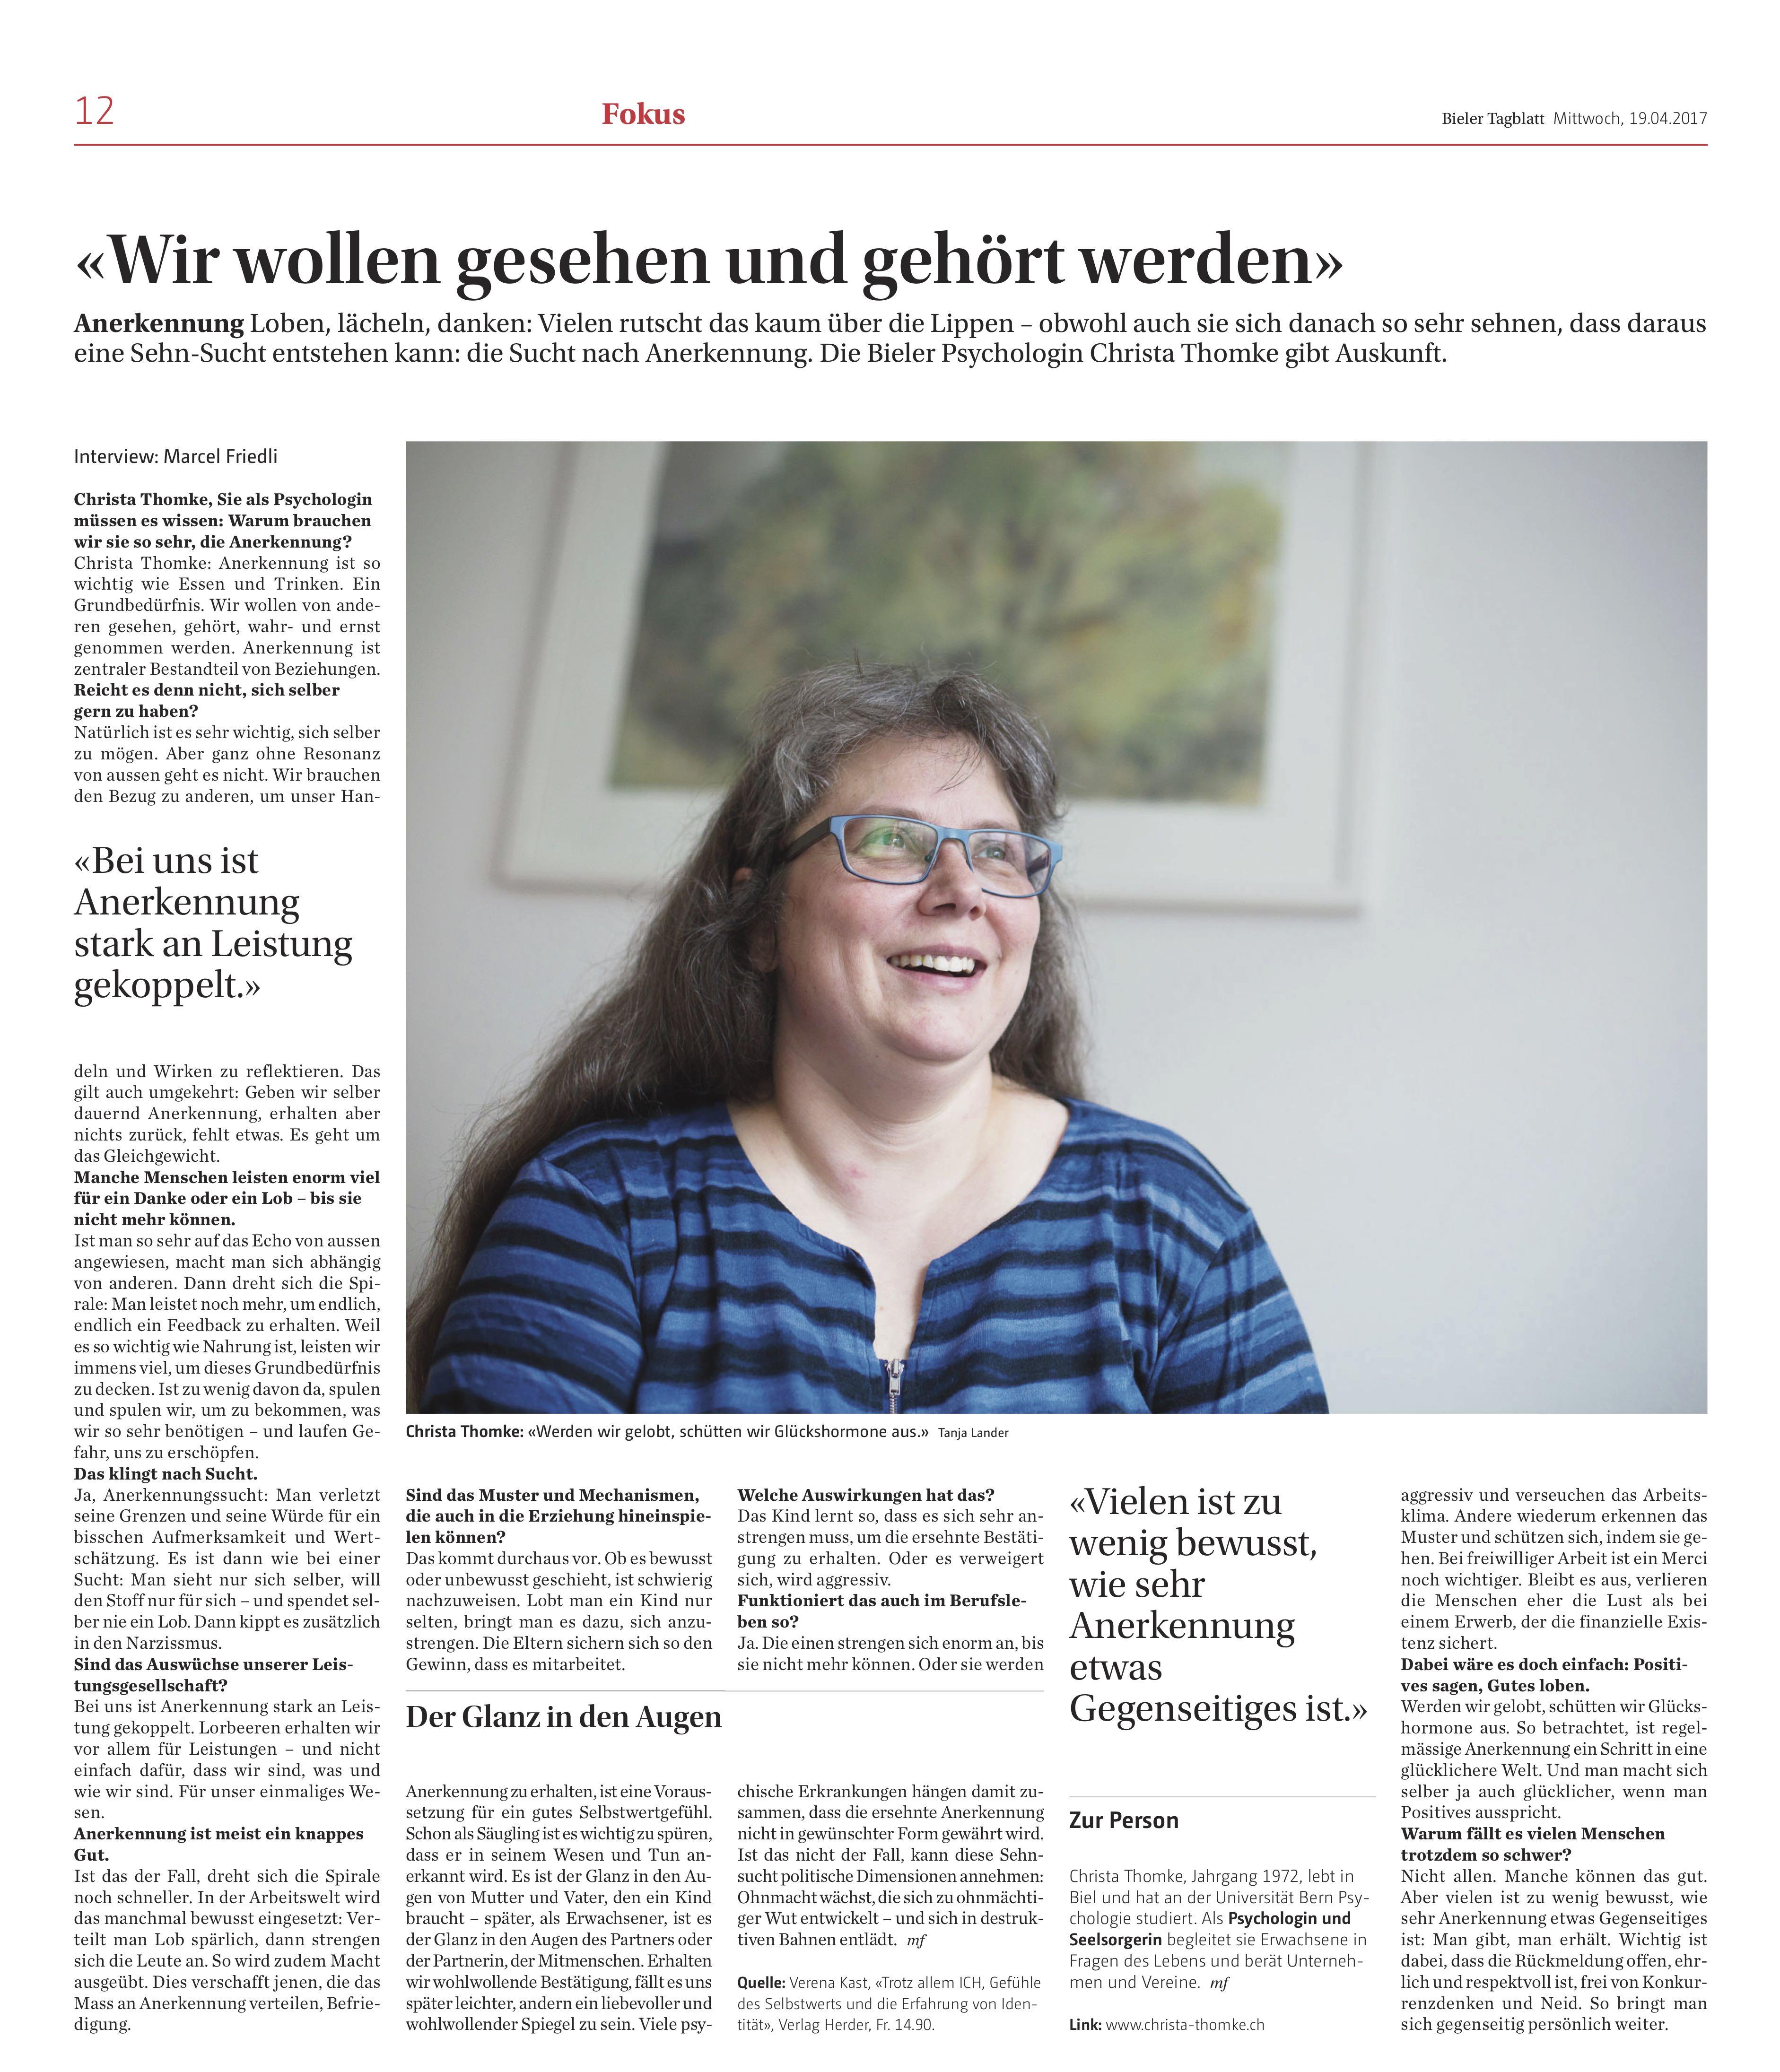 © Bieler Tagblatt, 19. April 2017, S. 12